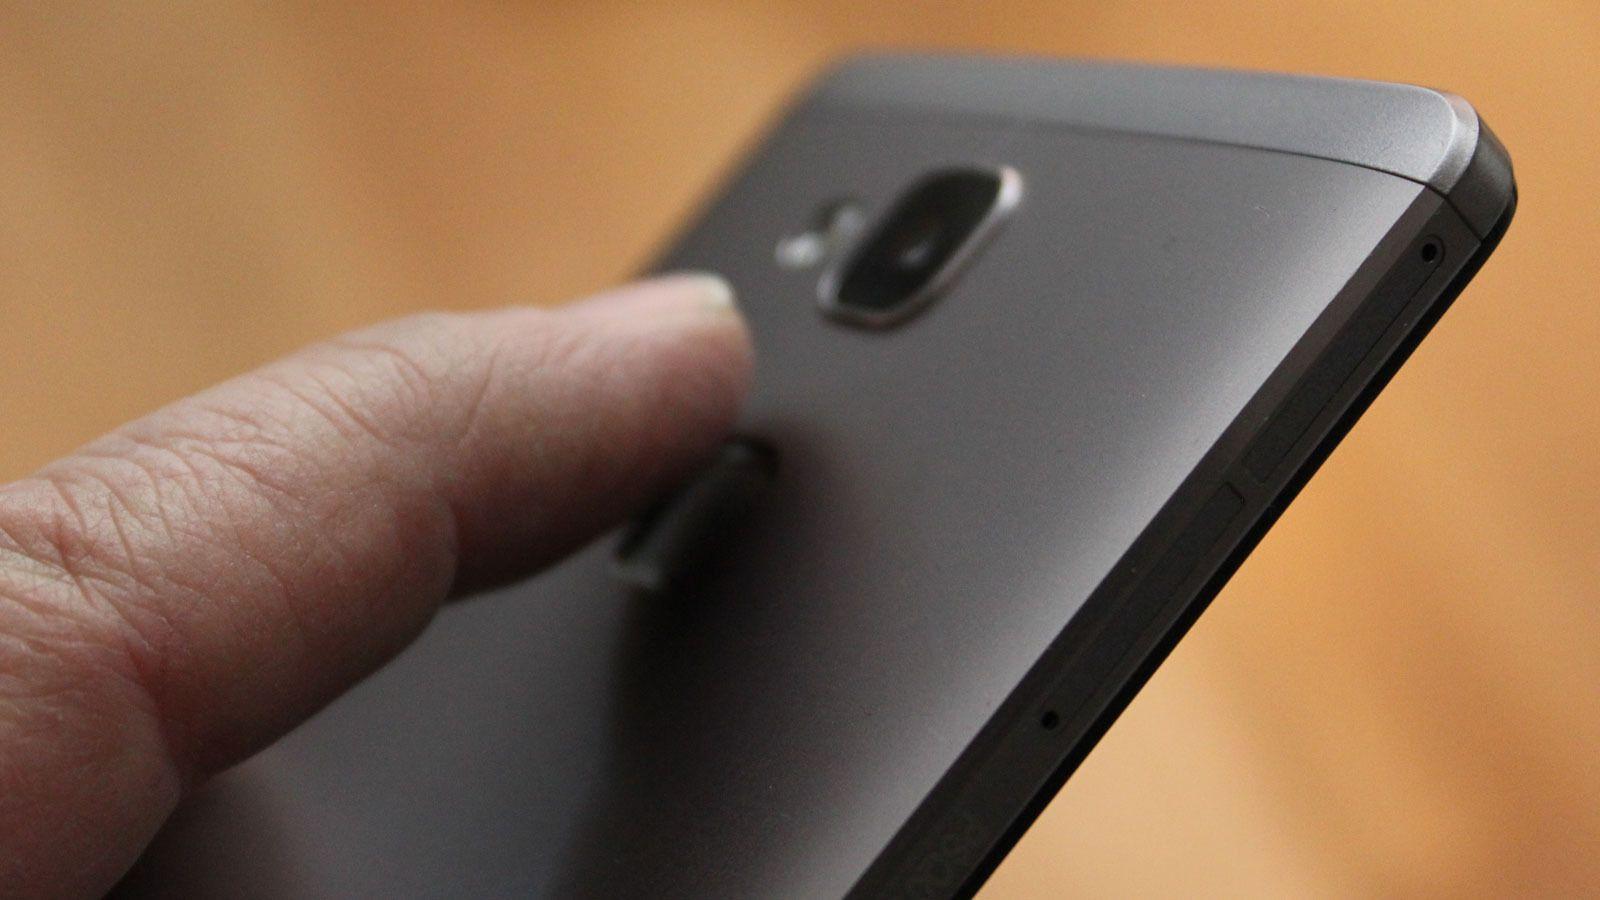 Fingeravtrykksensoren på Ascend Mate 7 er mer avvisende enn vi setter pris på. Foto: Espen Irwing Swang, Tek.no